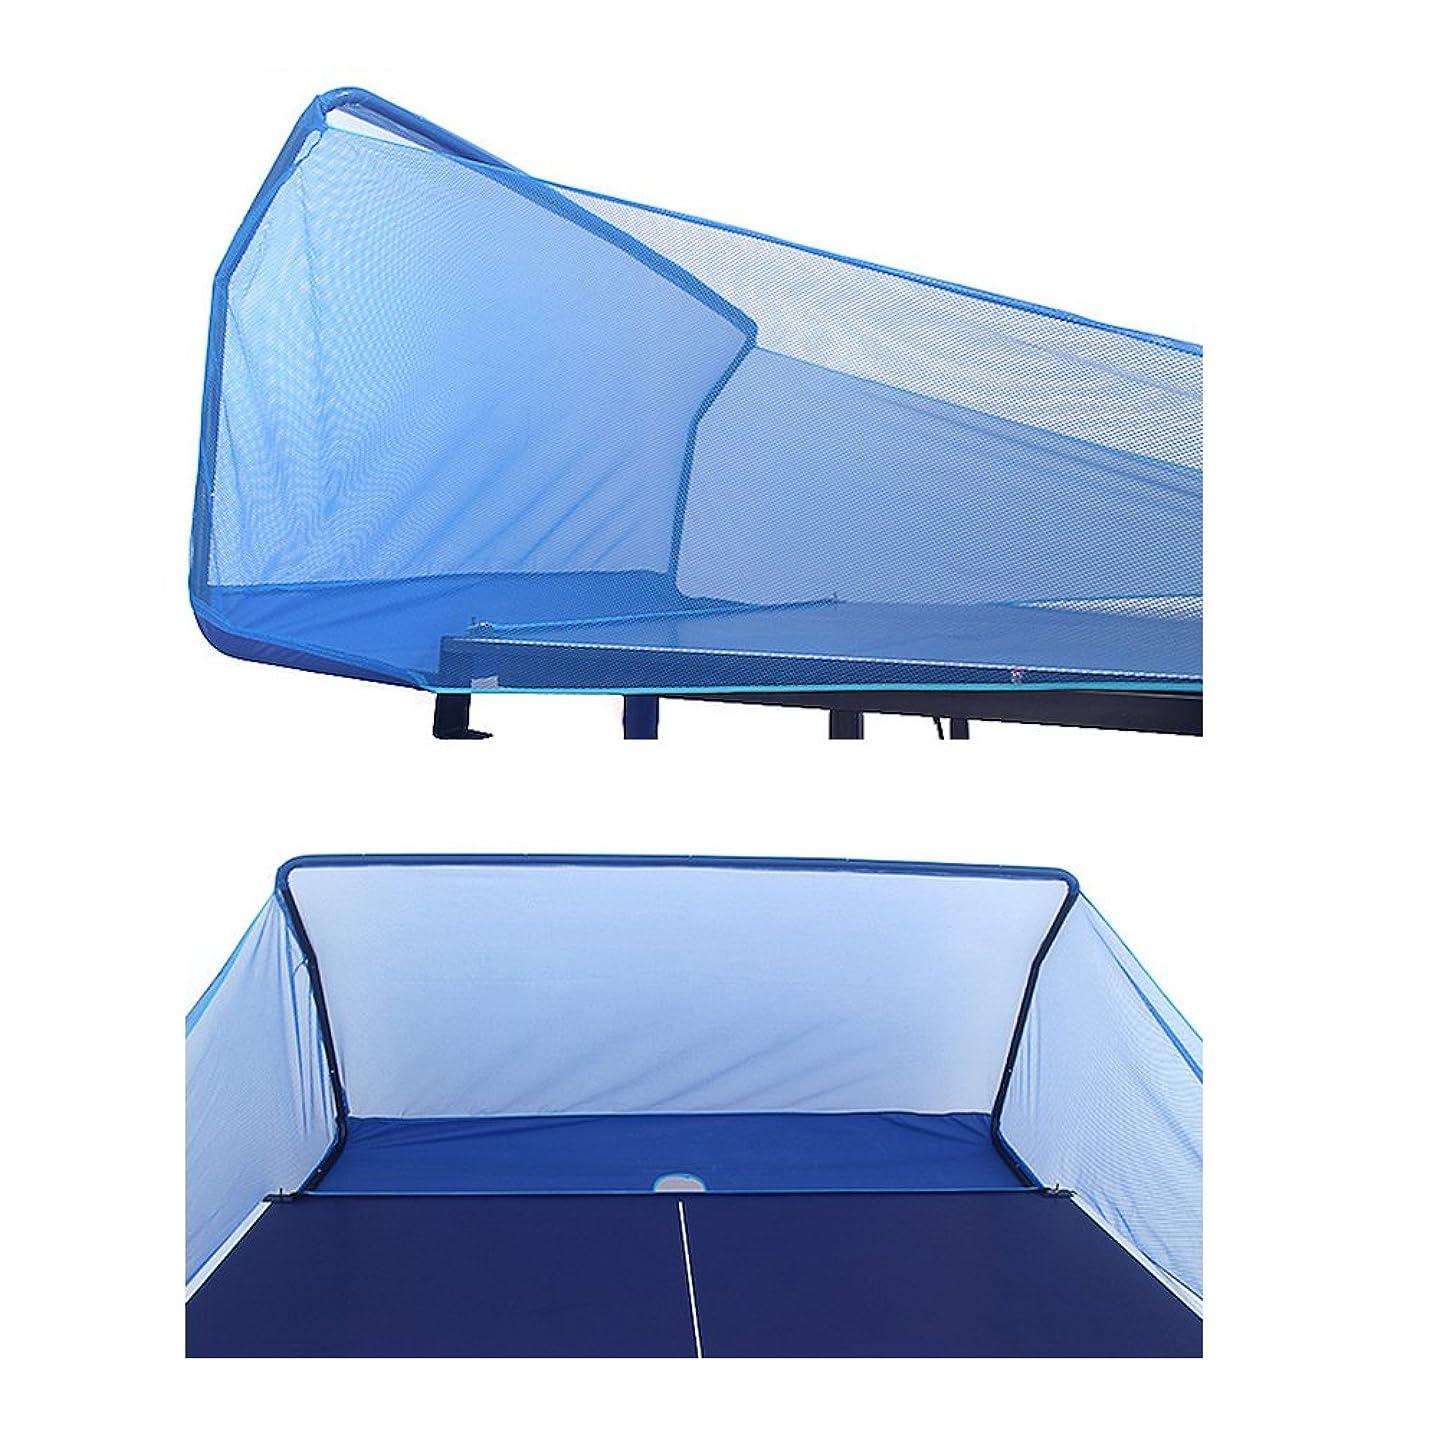 メタン品古くなったUNIX(ユニックス) 卓球 フェンス フロア仕切りフェンス 軽量タイプ NX2839